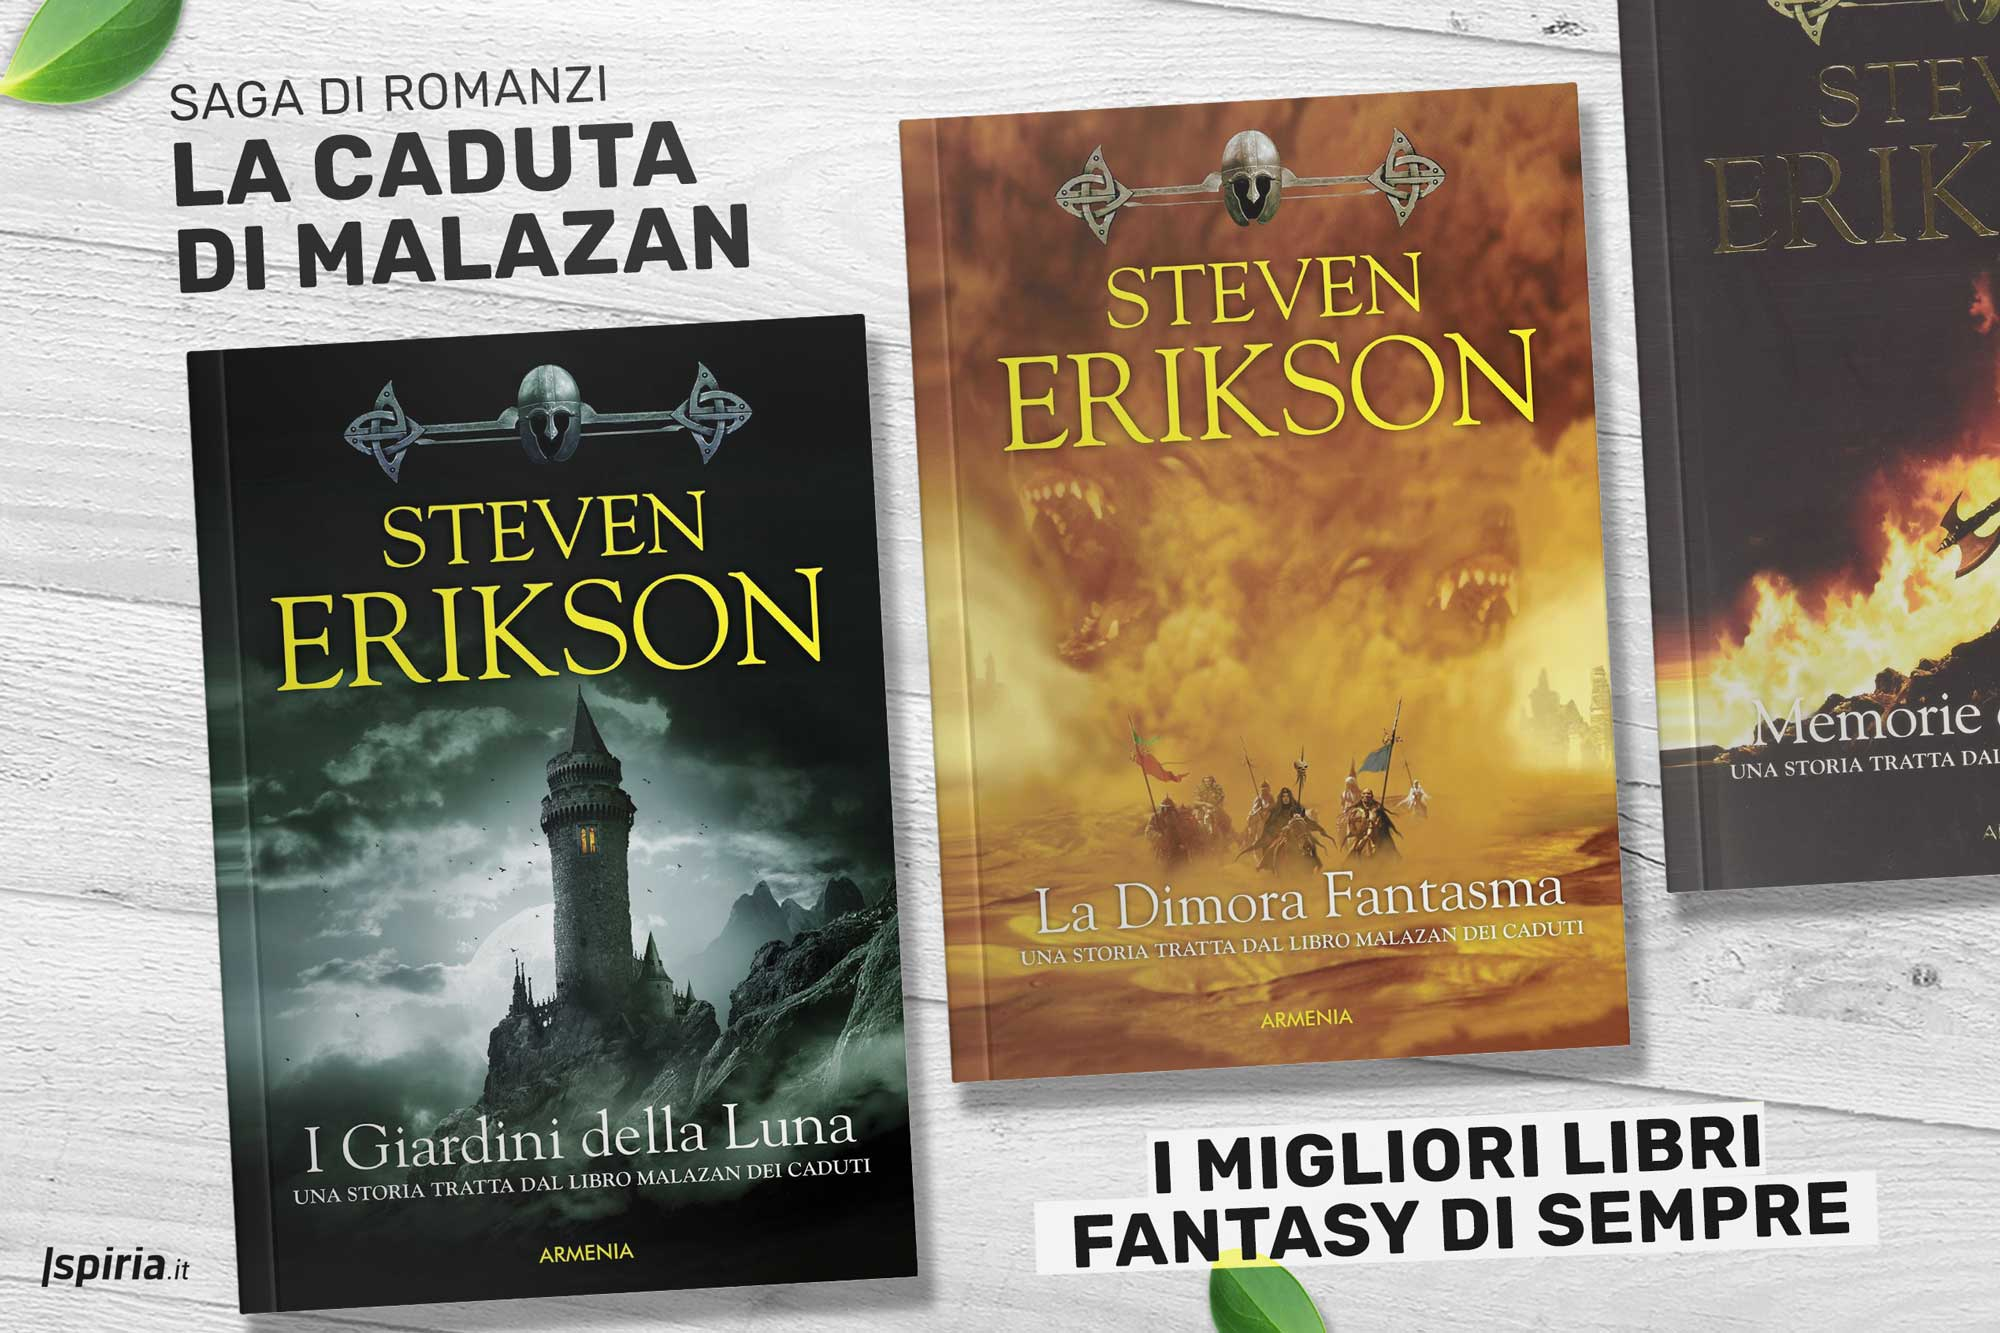 malazan-migliori-libri-fantasy-di-sempre